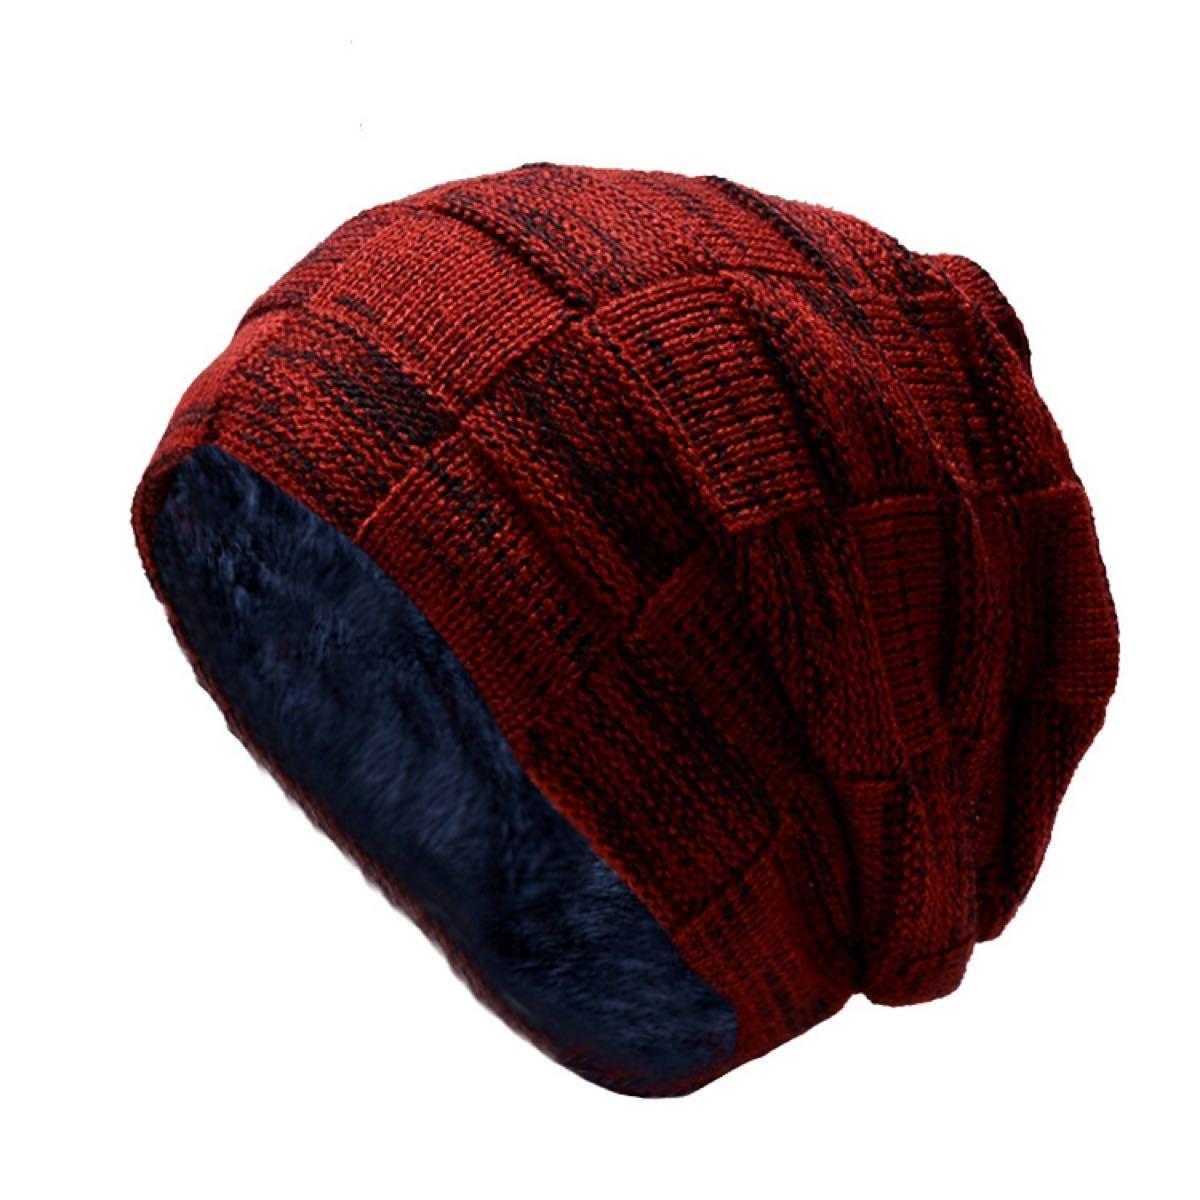 ニット帽 メンズ レディース ニット 帽子 ニットキャップ  裏起毛